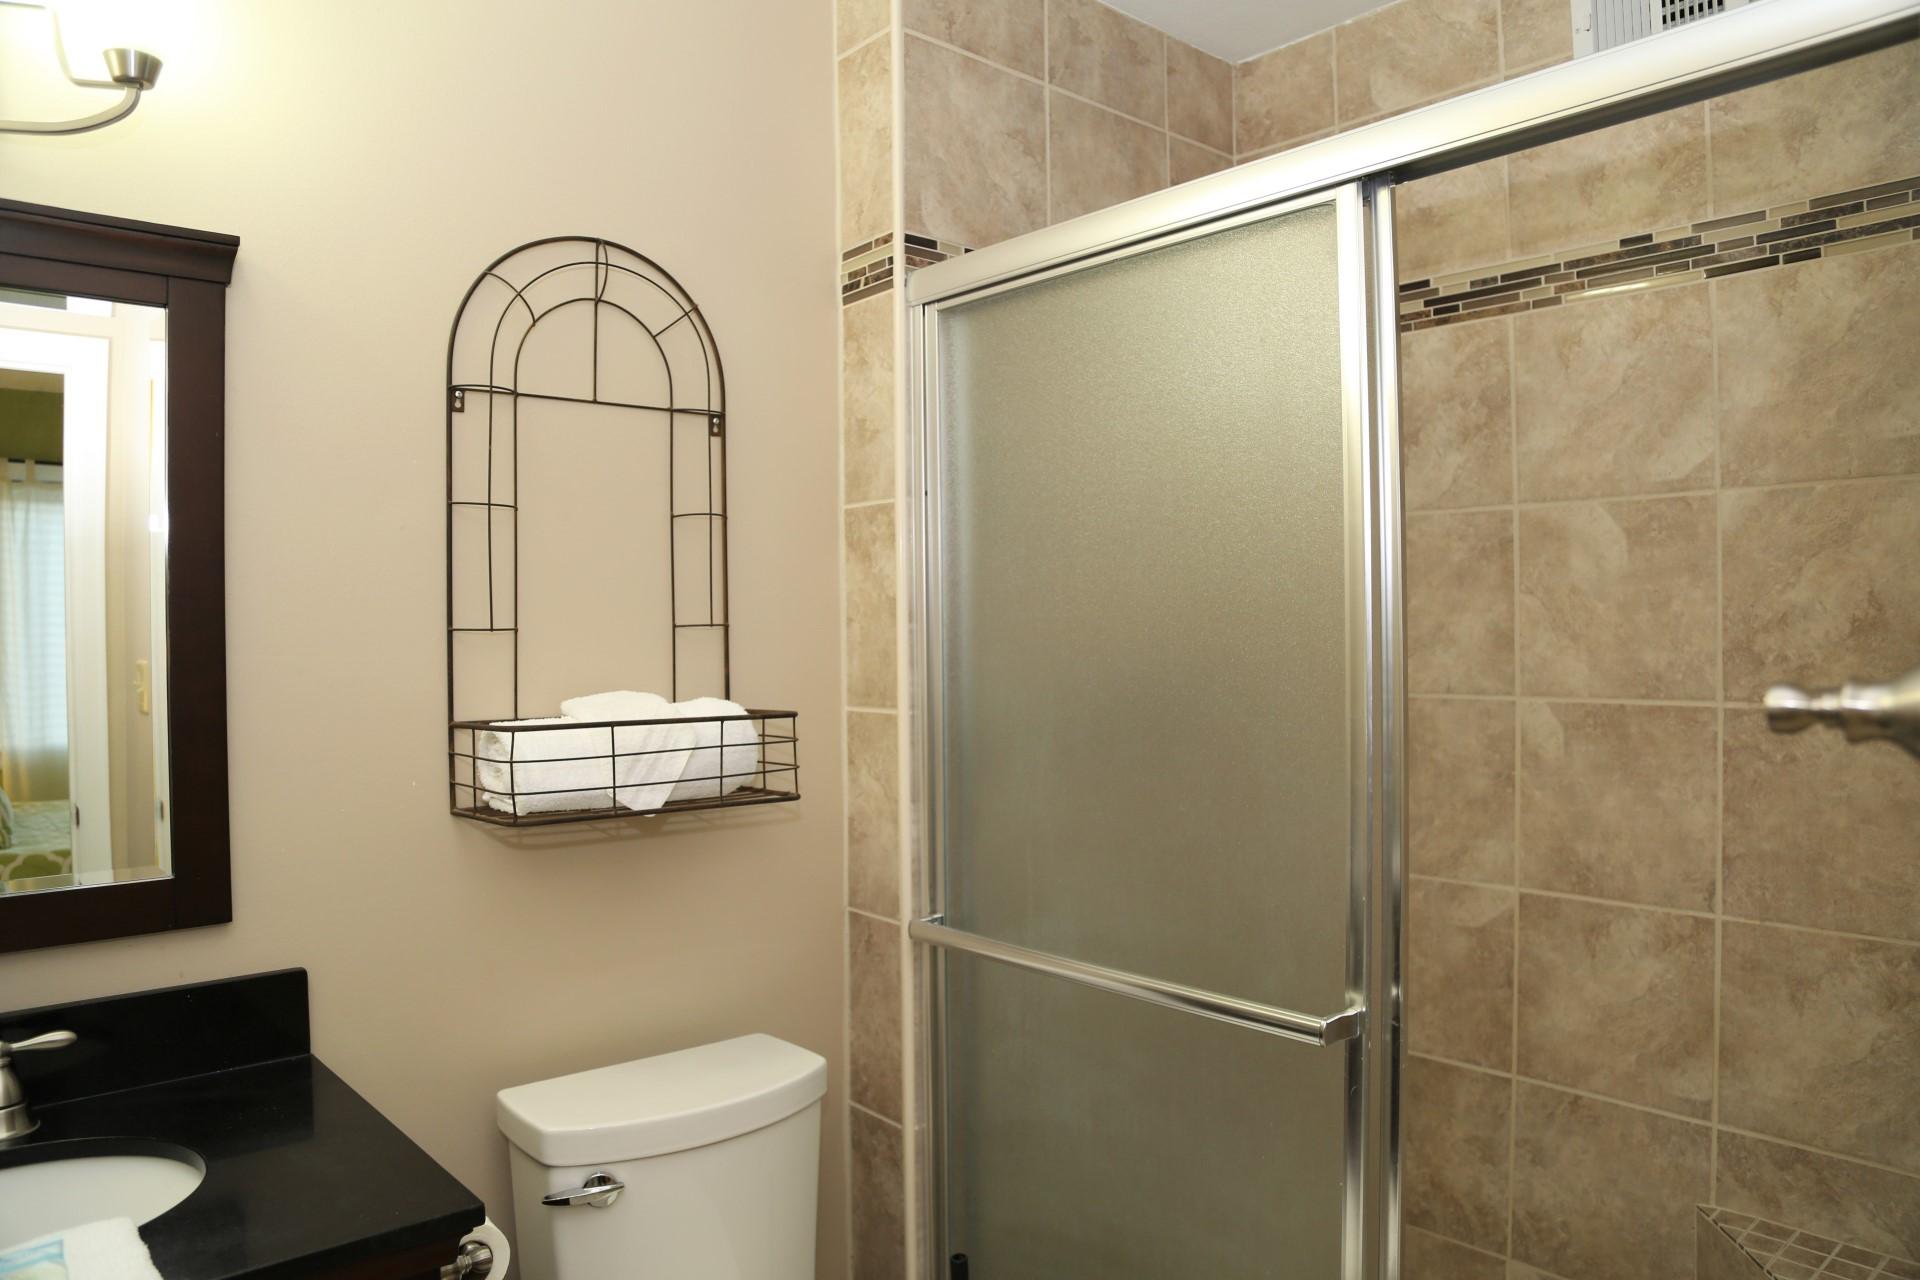 Elegant master bathroom with tiled shower.